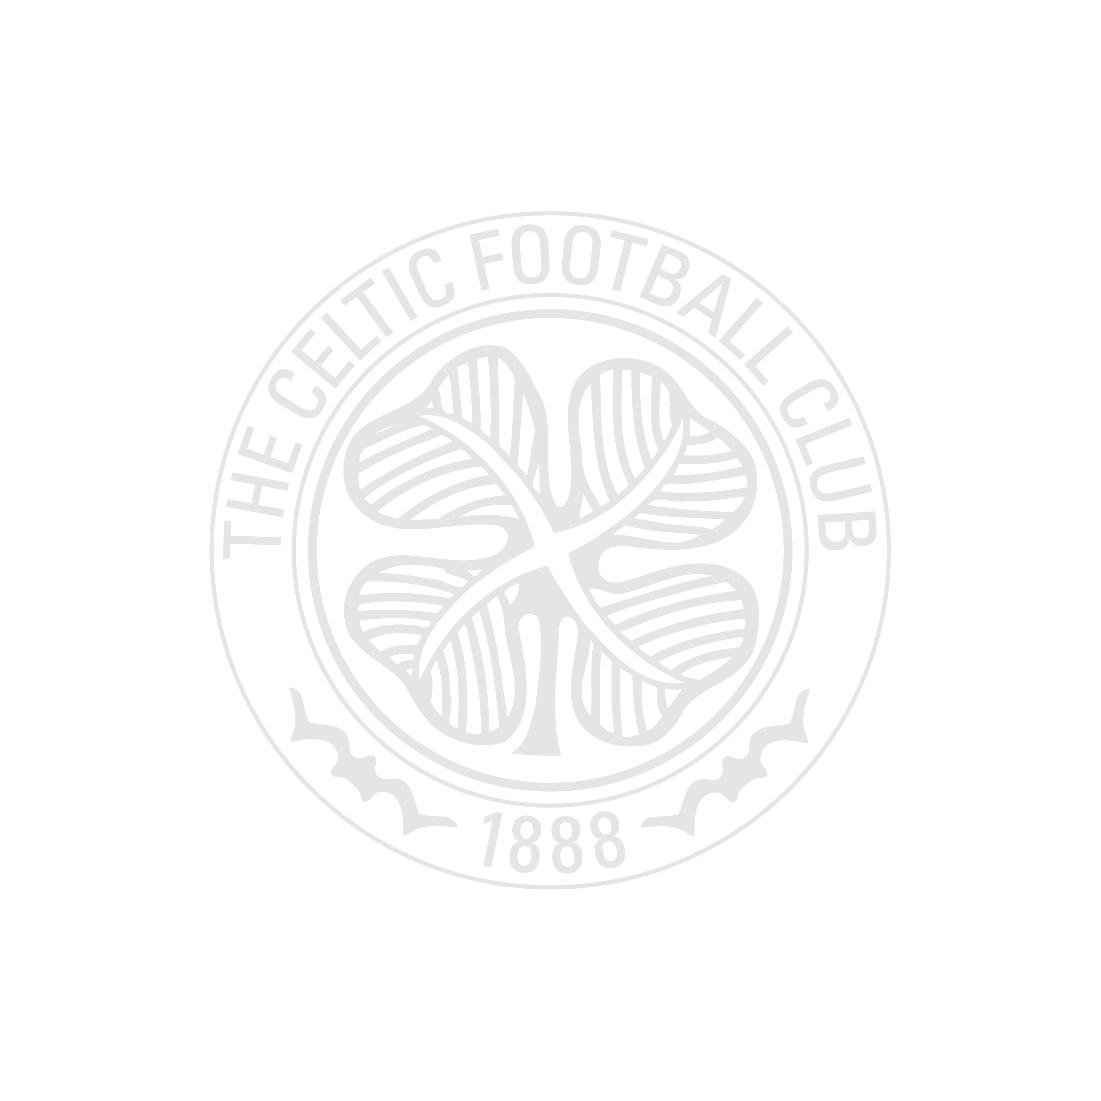 Celtic Mens 20/21 Home Shirt with No Sponsor